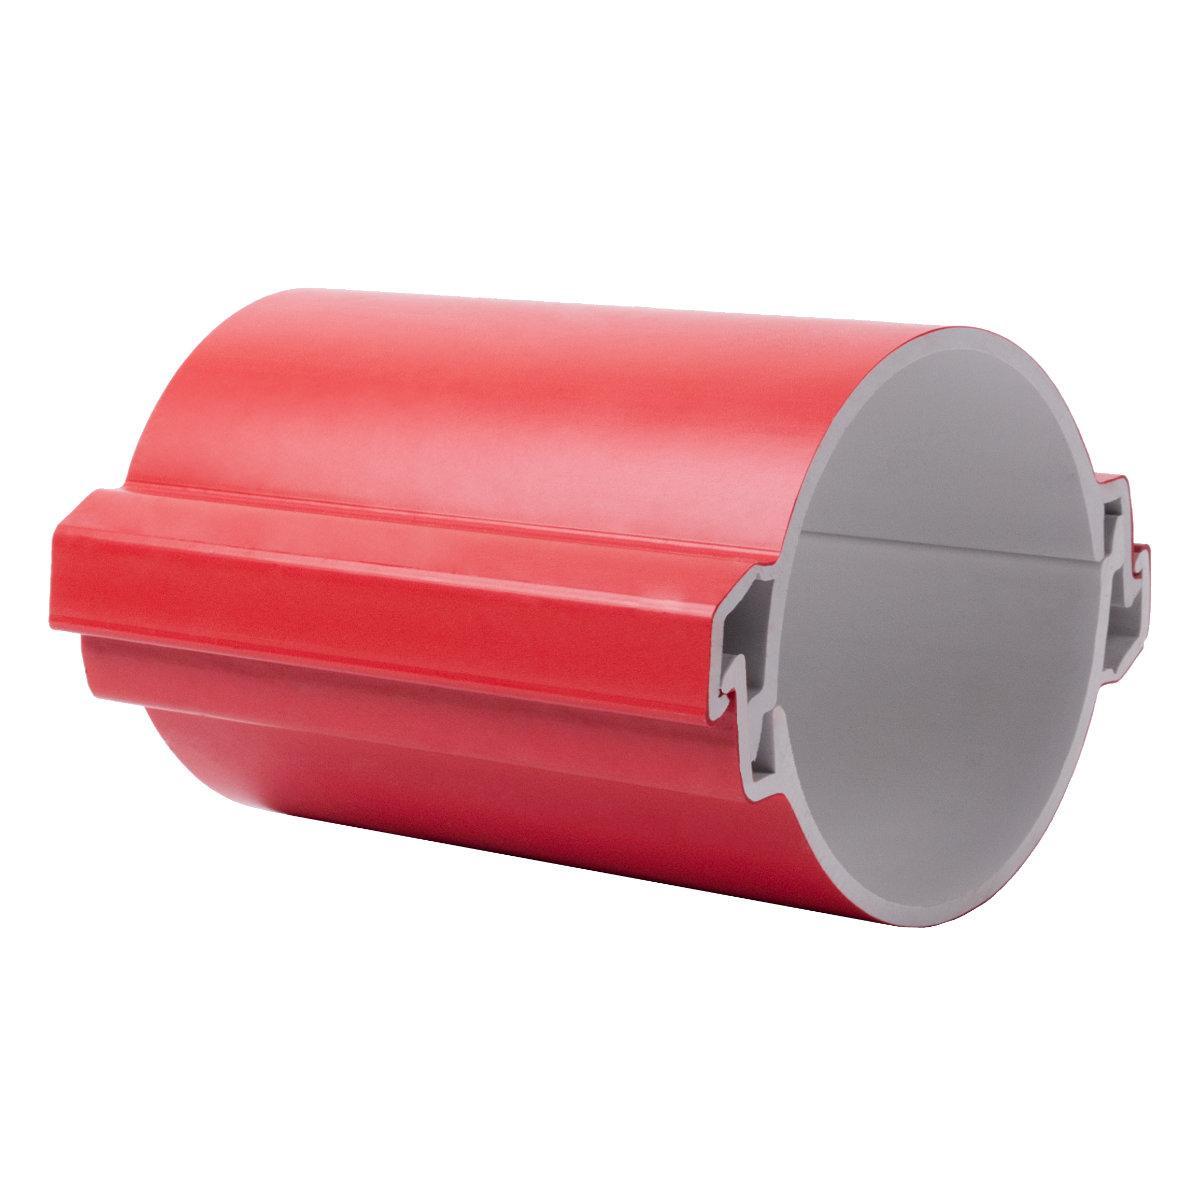 Труба розбірна КОПОХАЛФ; для підземного прокладання кабелю. Одношарова; Ø110мм; ПВХ; червона довжина 3 м